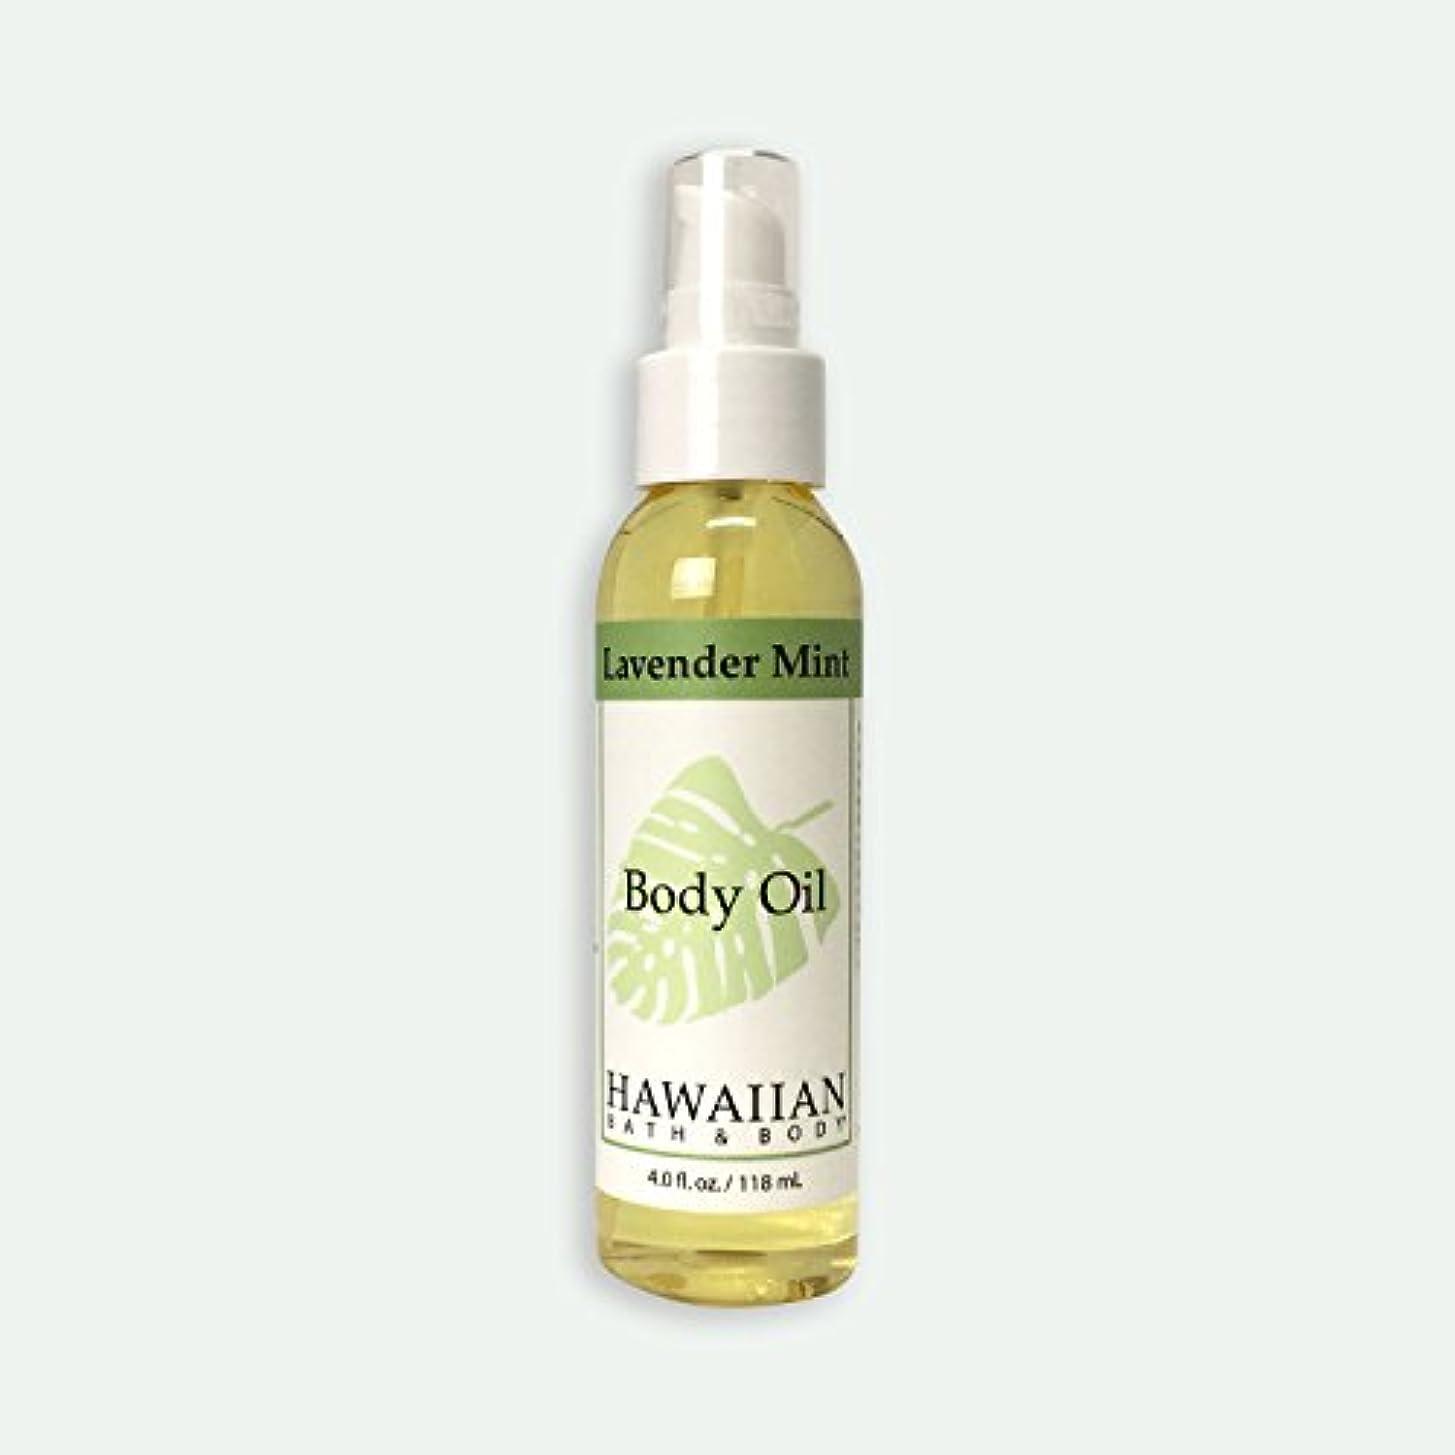 緩やかな日常的に石鹸ハワイアンバス&ボディ ラベンダーミント?ボディオイル 118ml Lavender Mint Body Oil